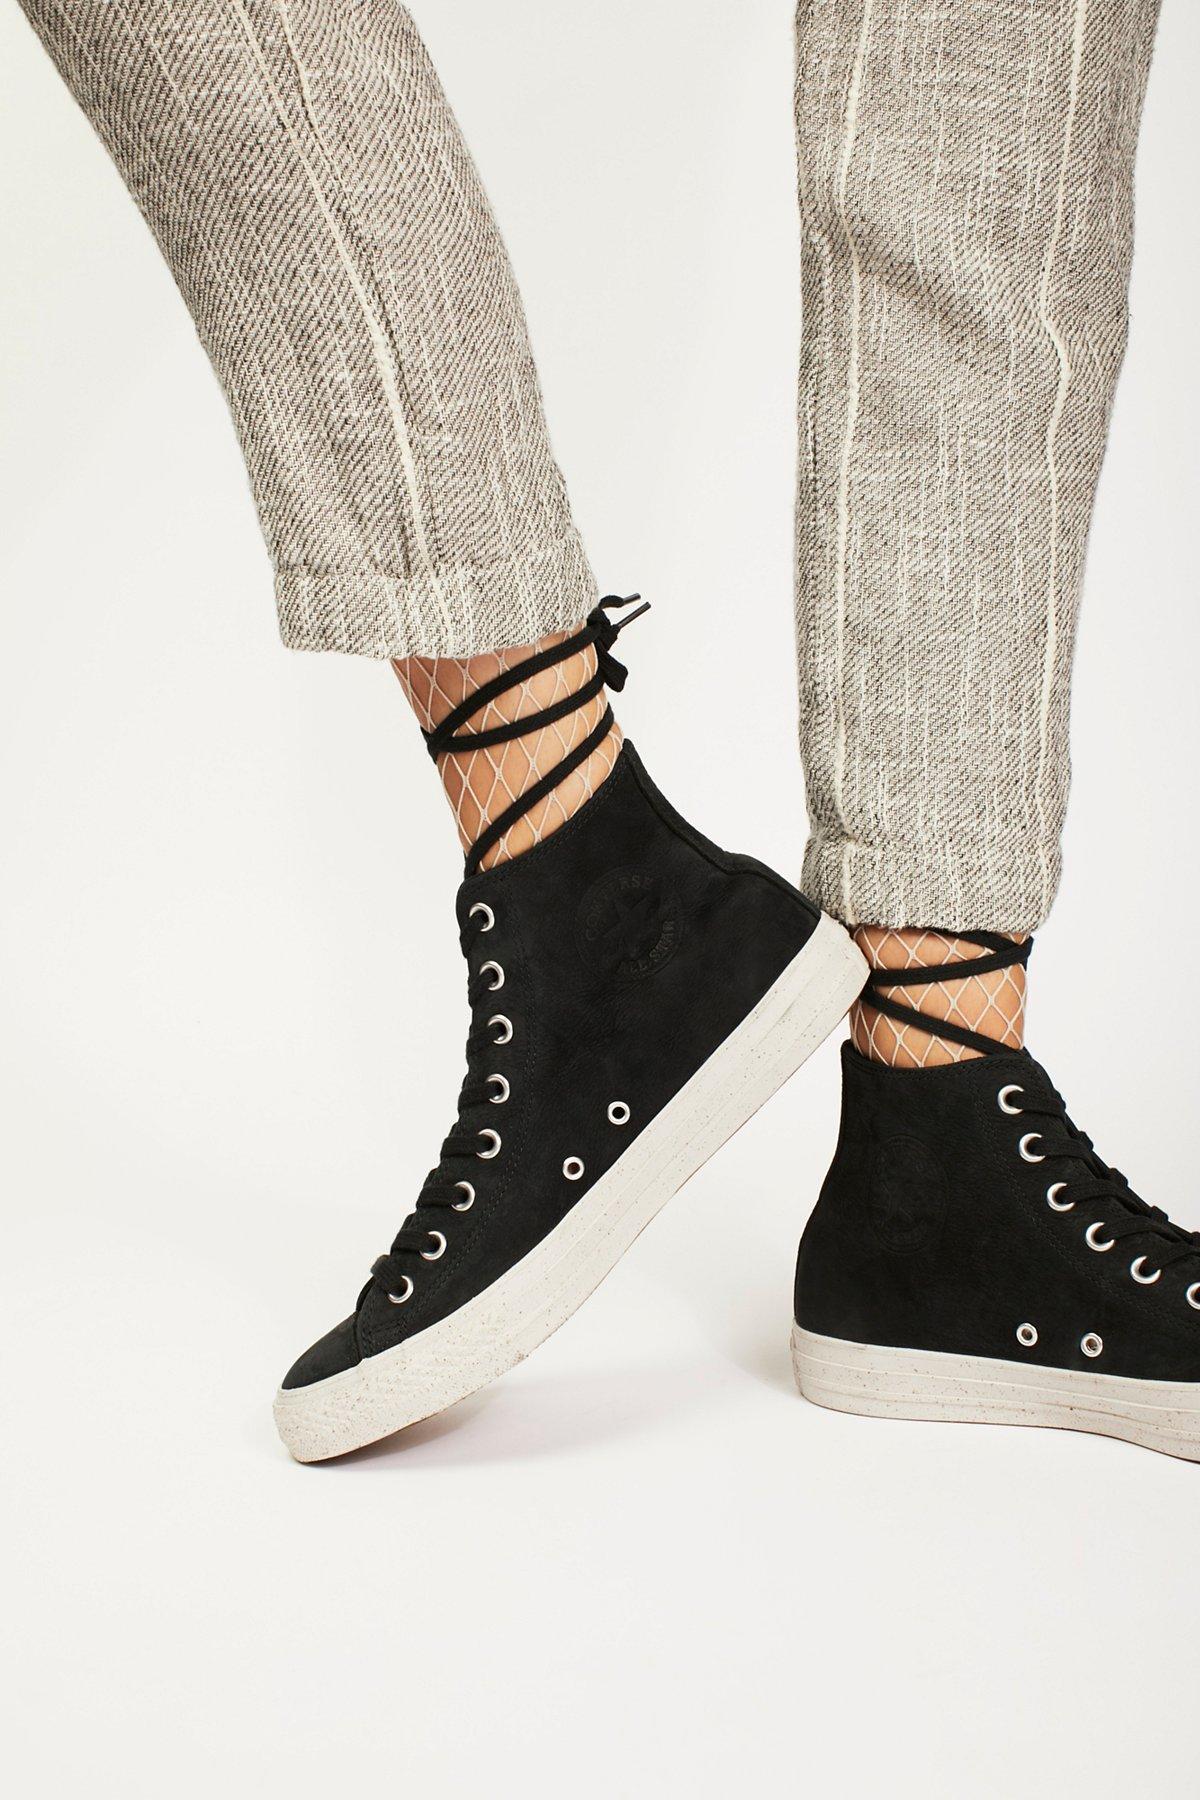 大理石纹鞋底高帮运动鞋